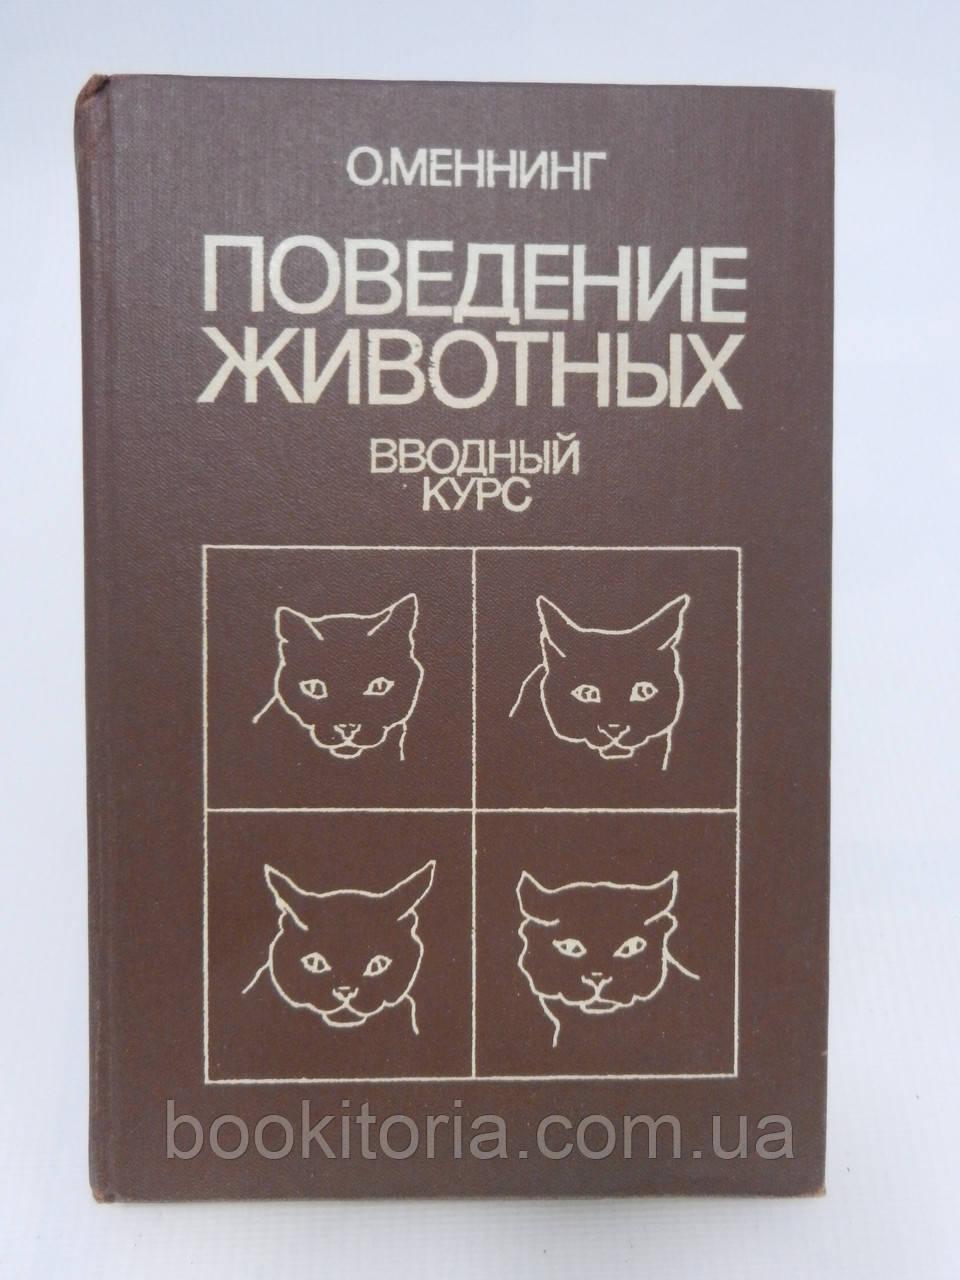 Меннинг О. Поведение животных. Вводный курс (б/у).